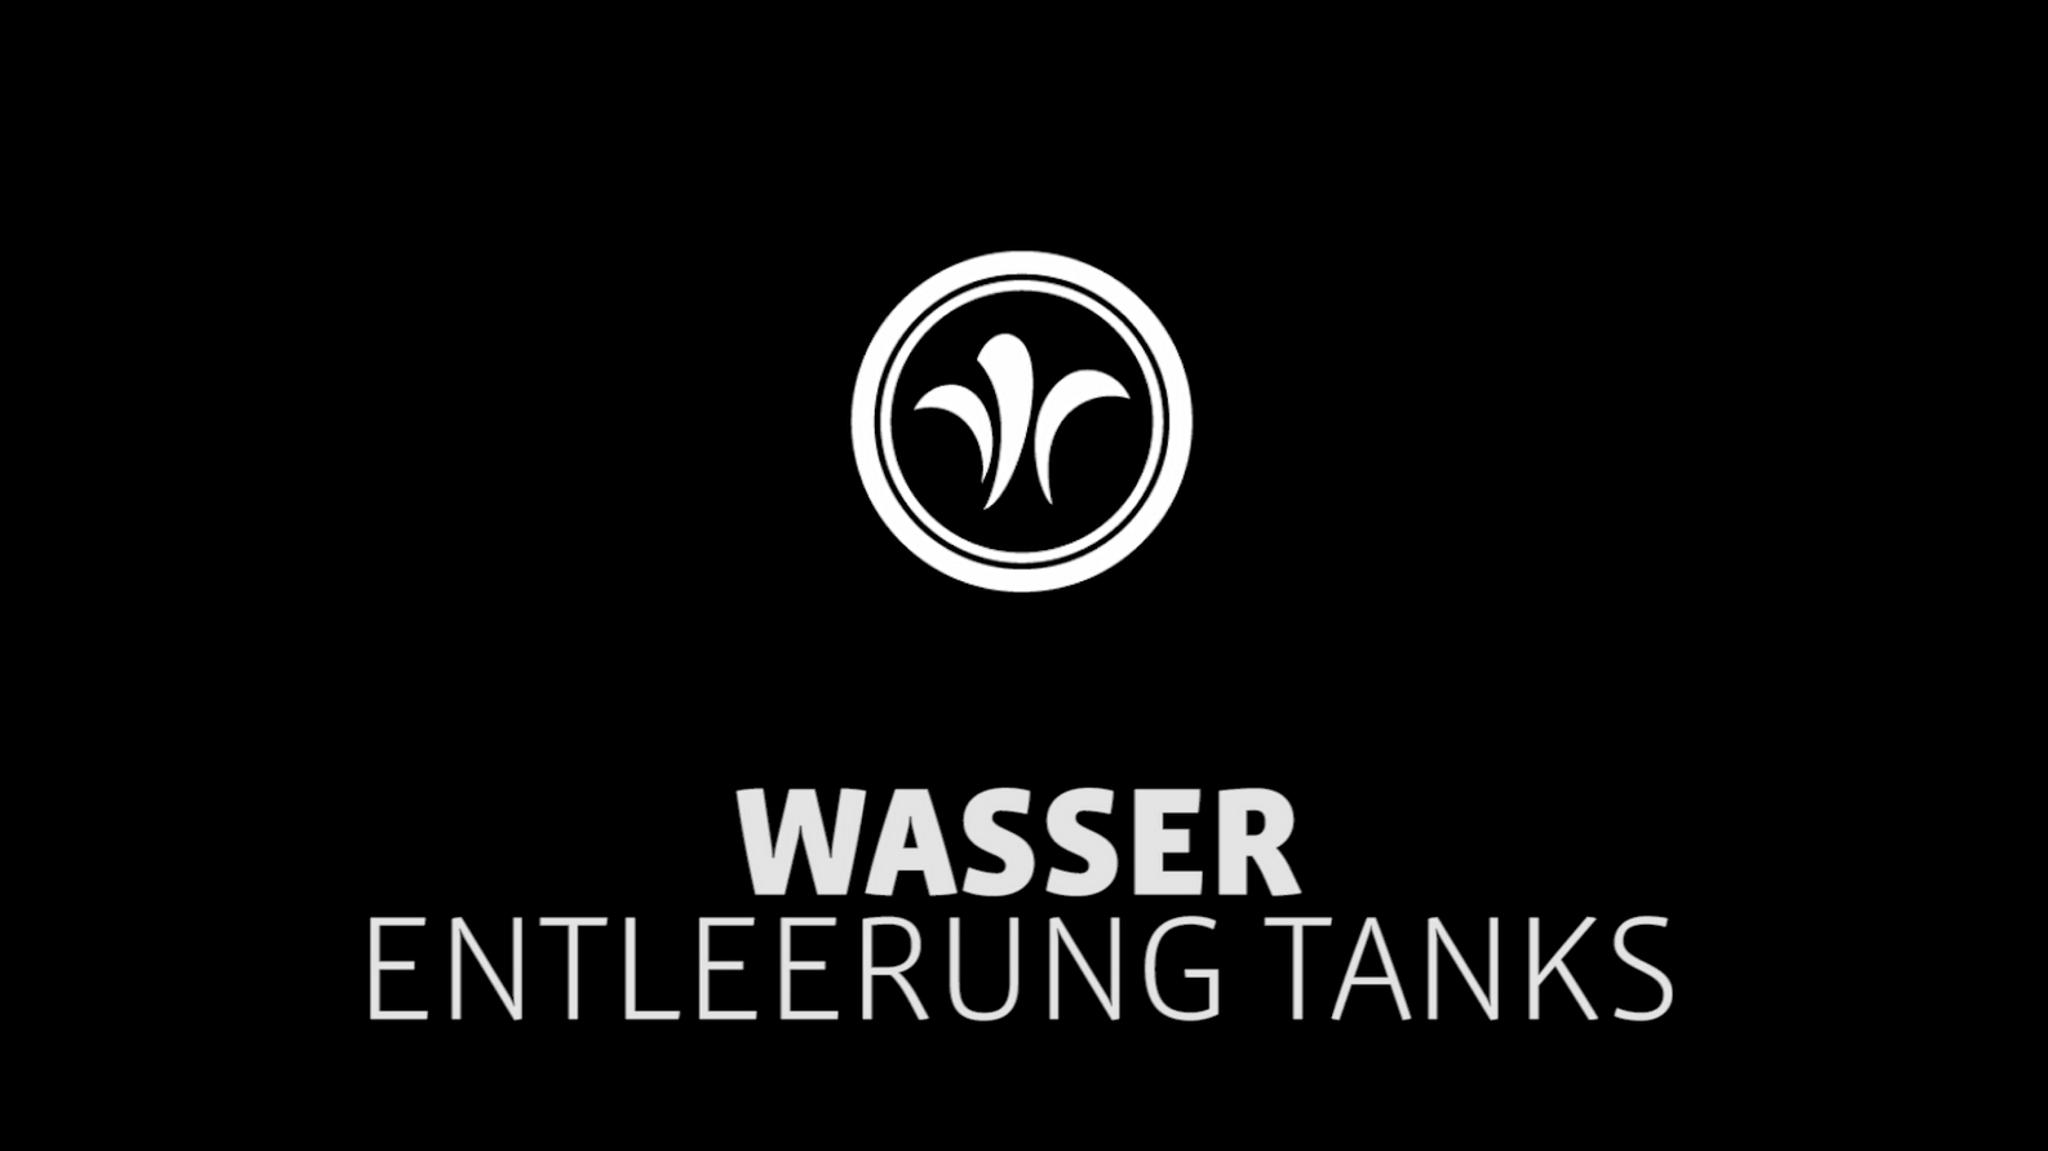 Wohnmobil Entleerung Tanks // Niesmann+Bischoff – Luxus Wohnmobil (Modell FLAIR) // 2019 // WA7